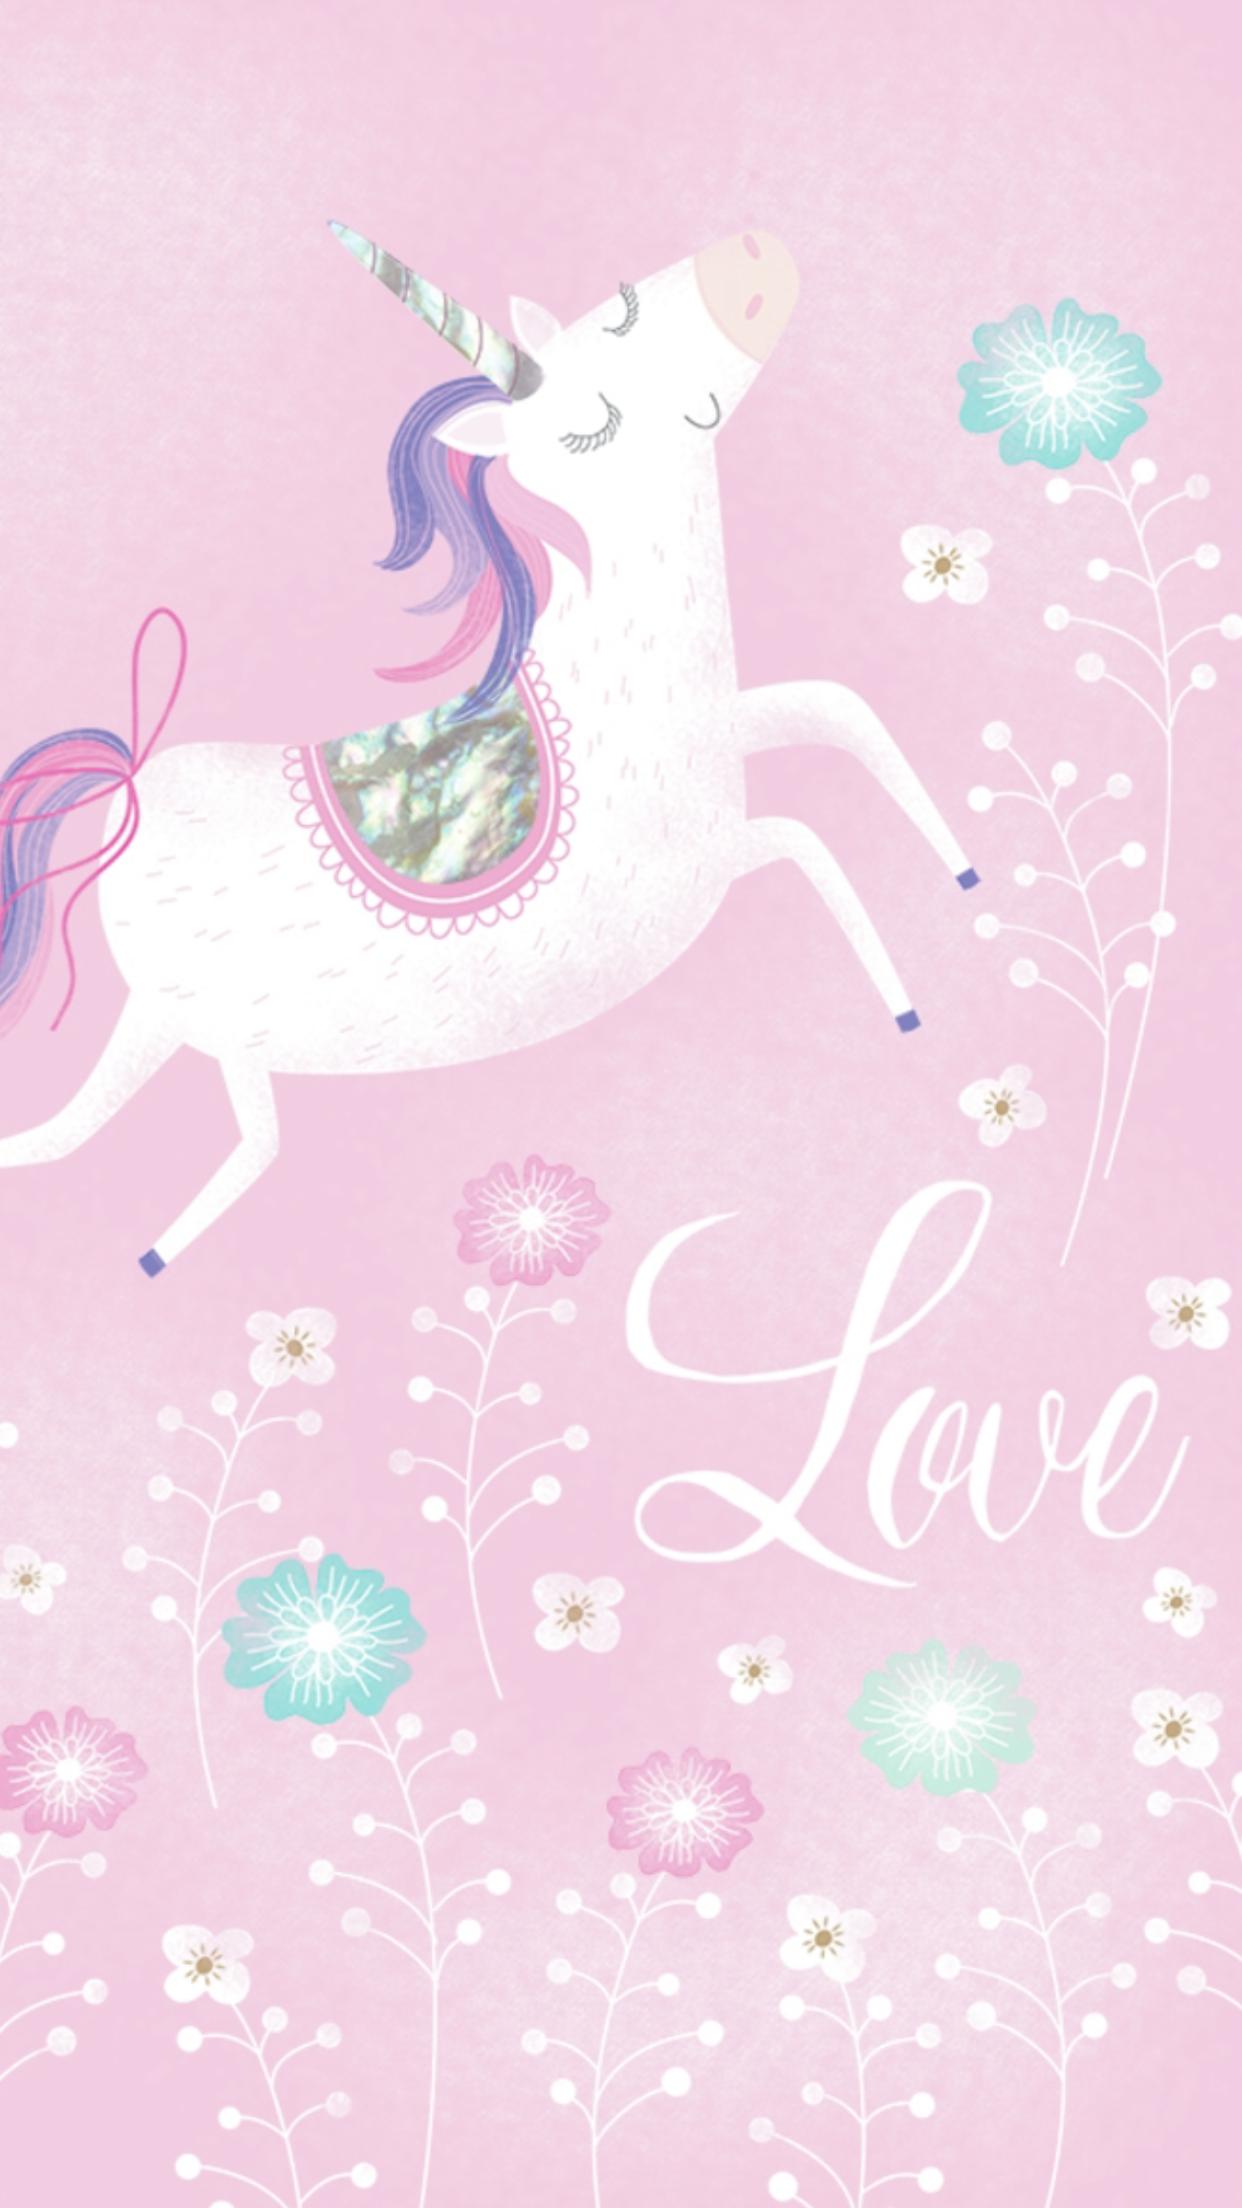 Popular Wallpaper Horse Pink - 78579885cc69c8afa29407486fda2379  2018_984350.png